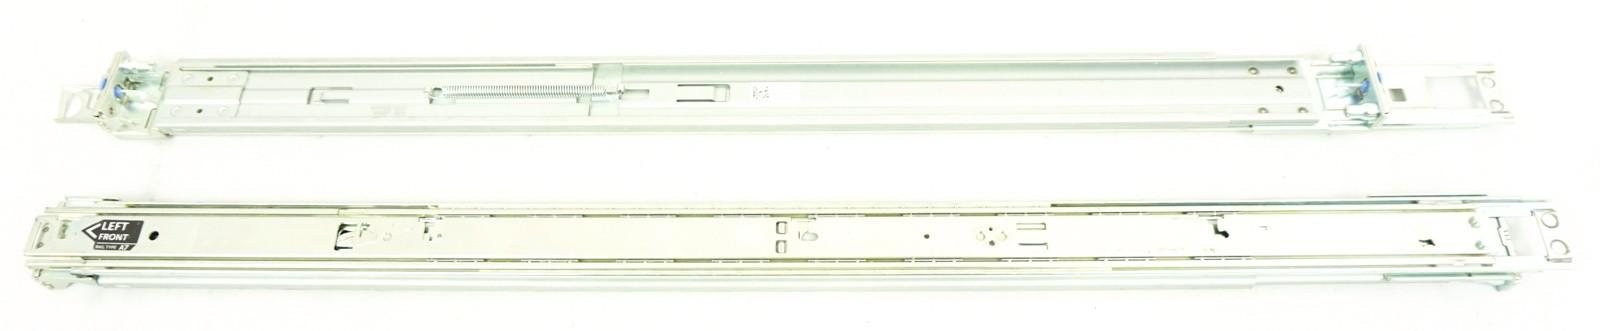 Dell A7 PowerEdge R320, R330, R420, R630, R640 Ready Rail Kit